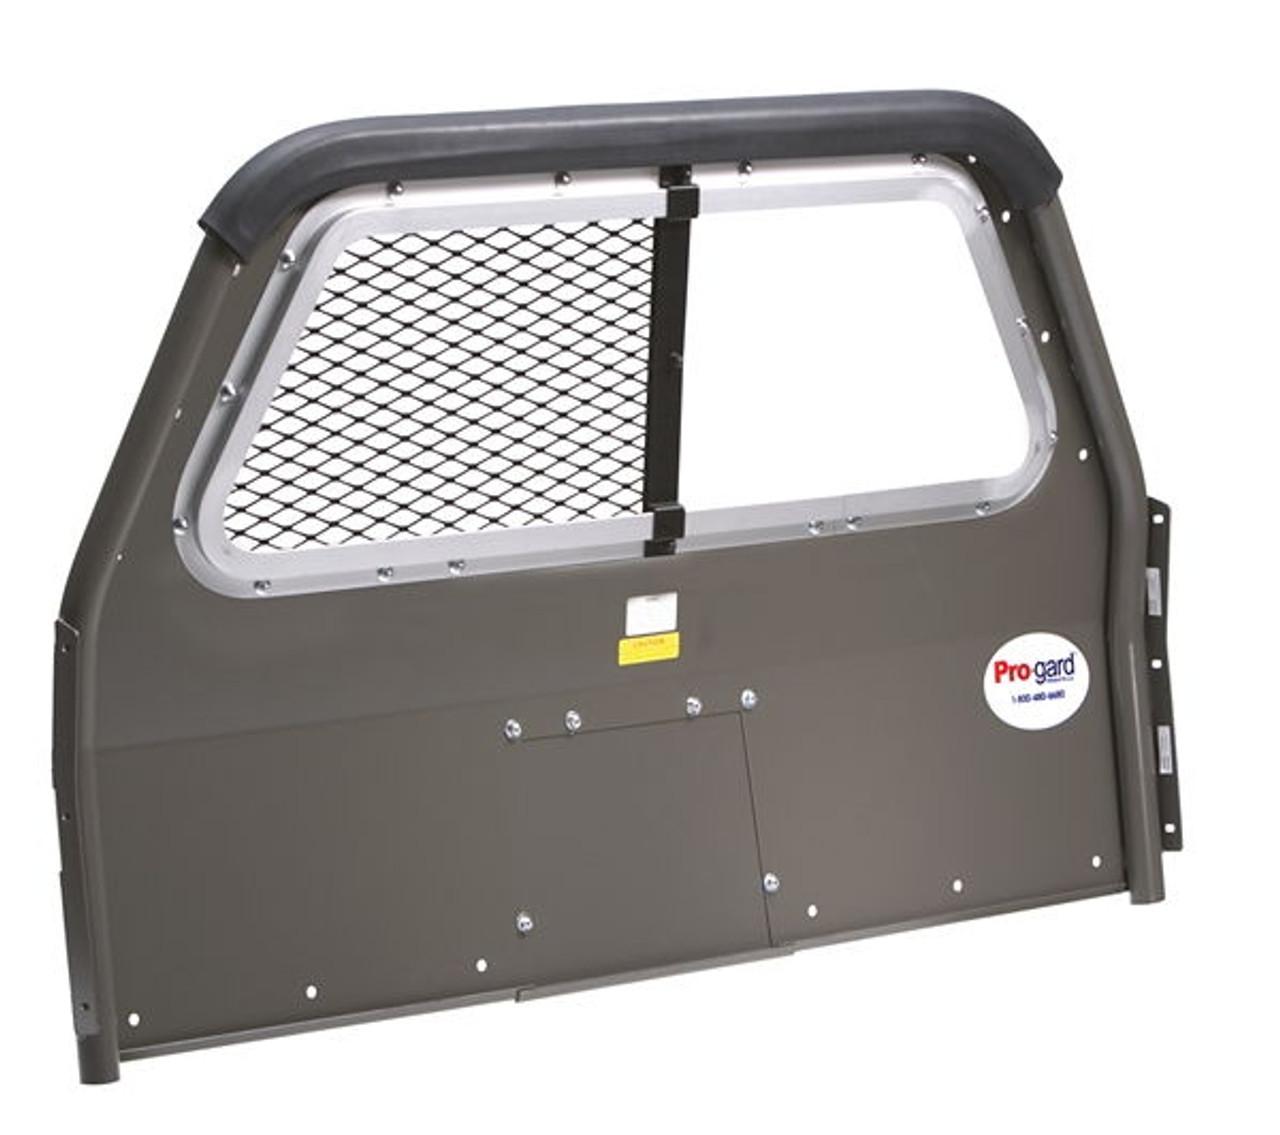 Interceptor SUV Utility (Explorer) Police Partition Cage for Prisoner Transport by Progard, 2013-2019